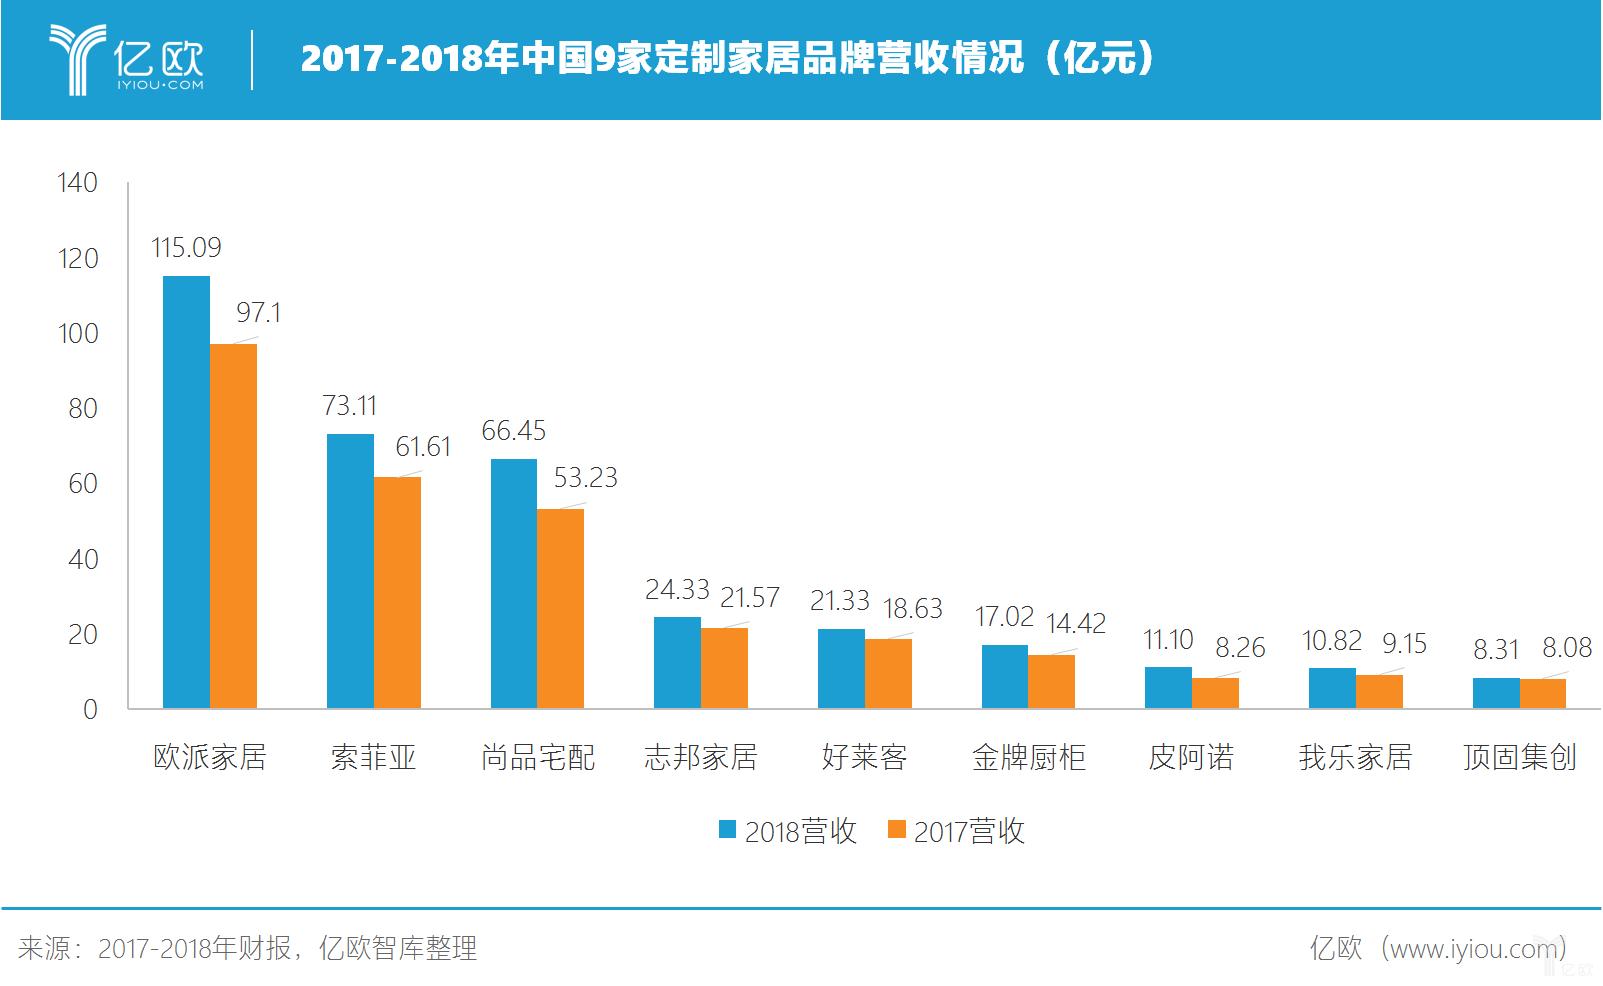 2017-2018年中国9家定制家居品牌营收情况.png